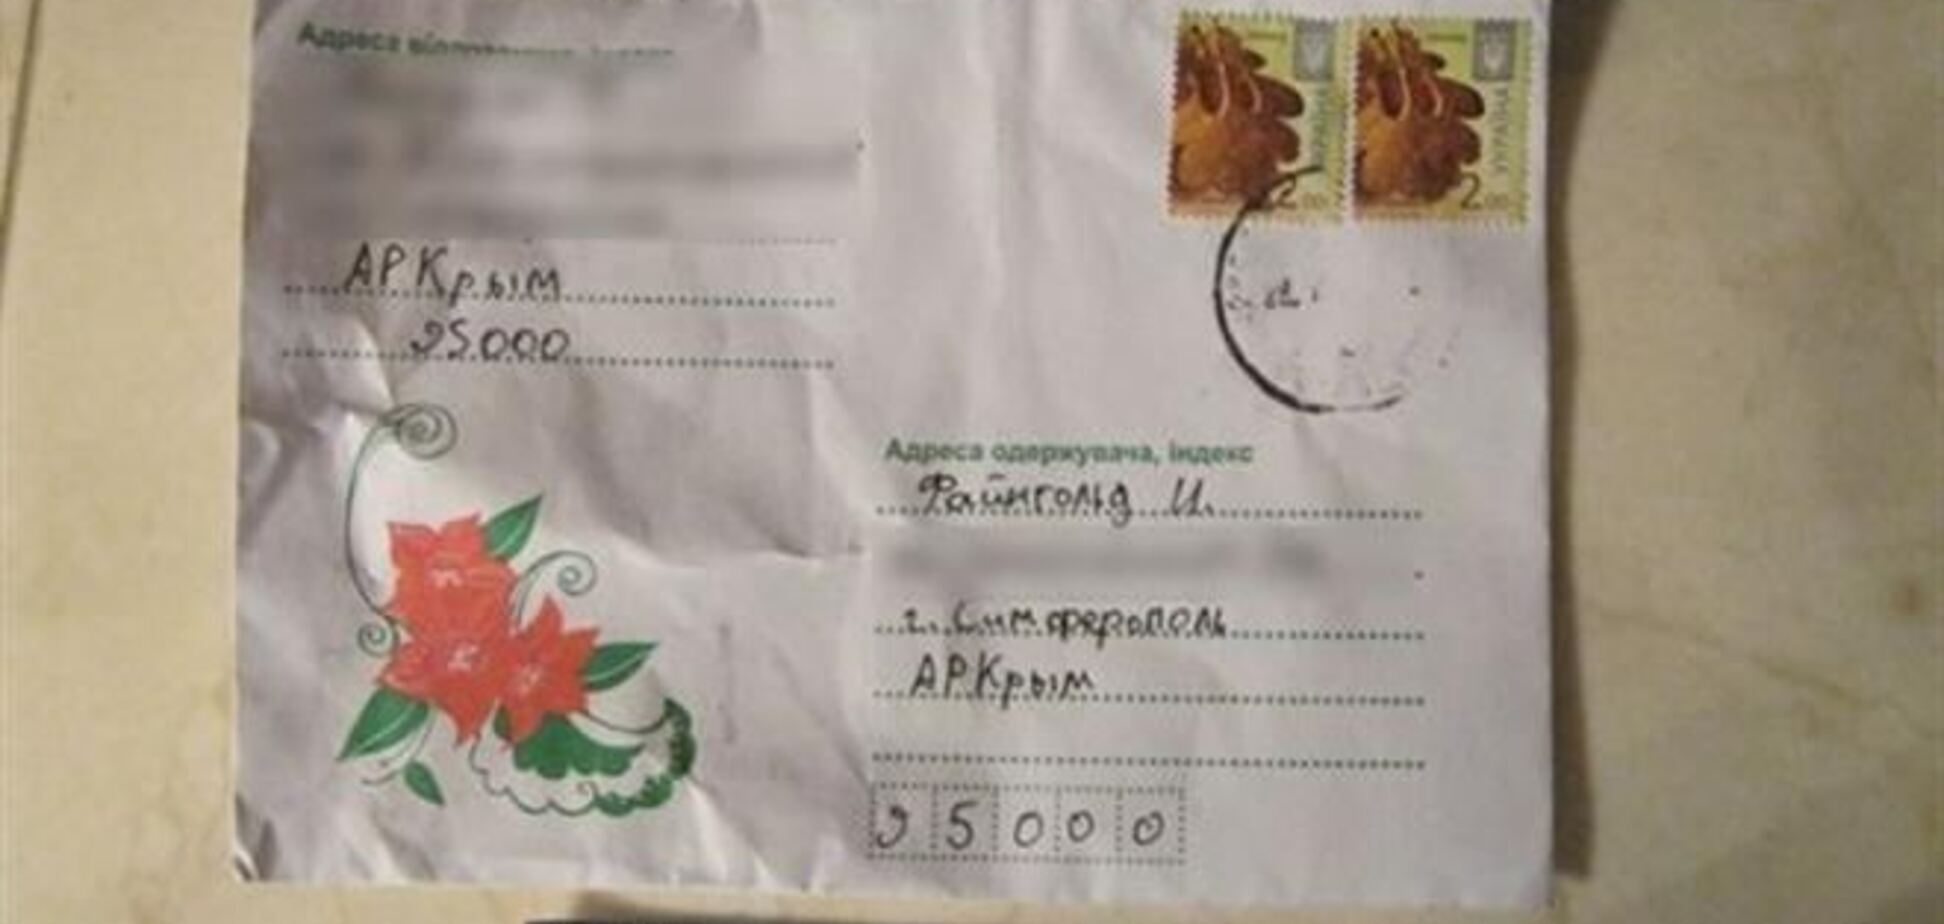 Бомбу-флешку Файнгольда відправили від імені депутата-регіонала